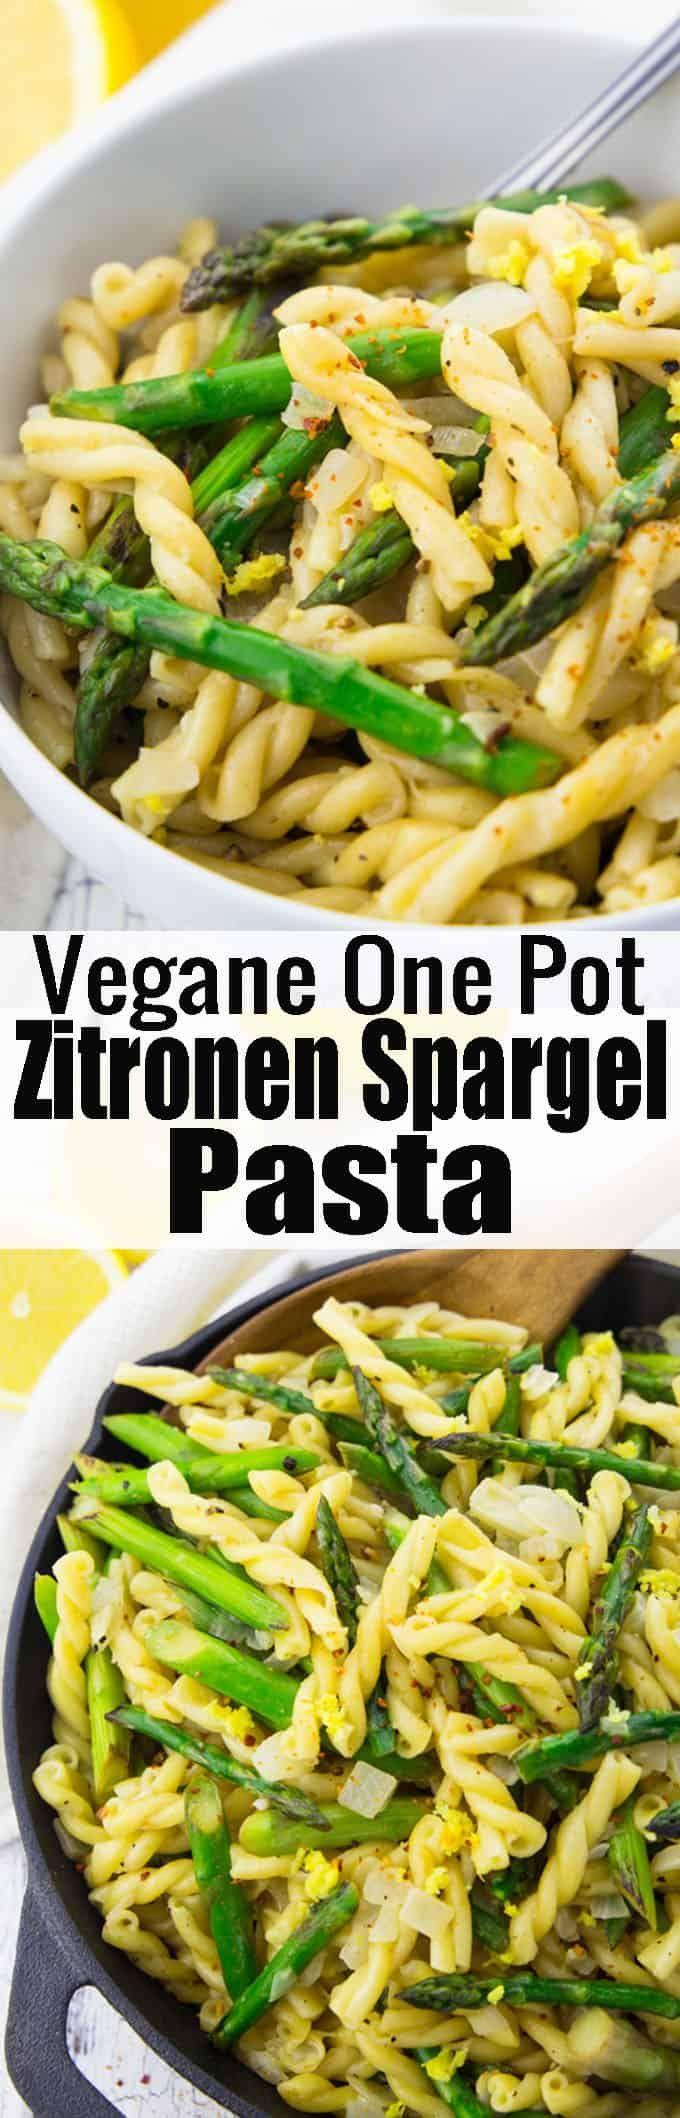 Frühlingsrezepte gesucht? Dann wird diese Pasta mit Spargel in Zitronensauce serviert …   – Food